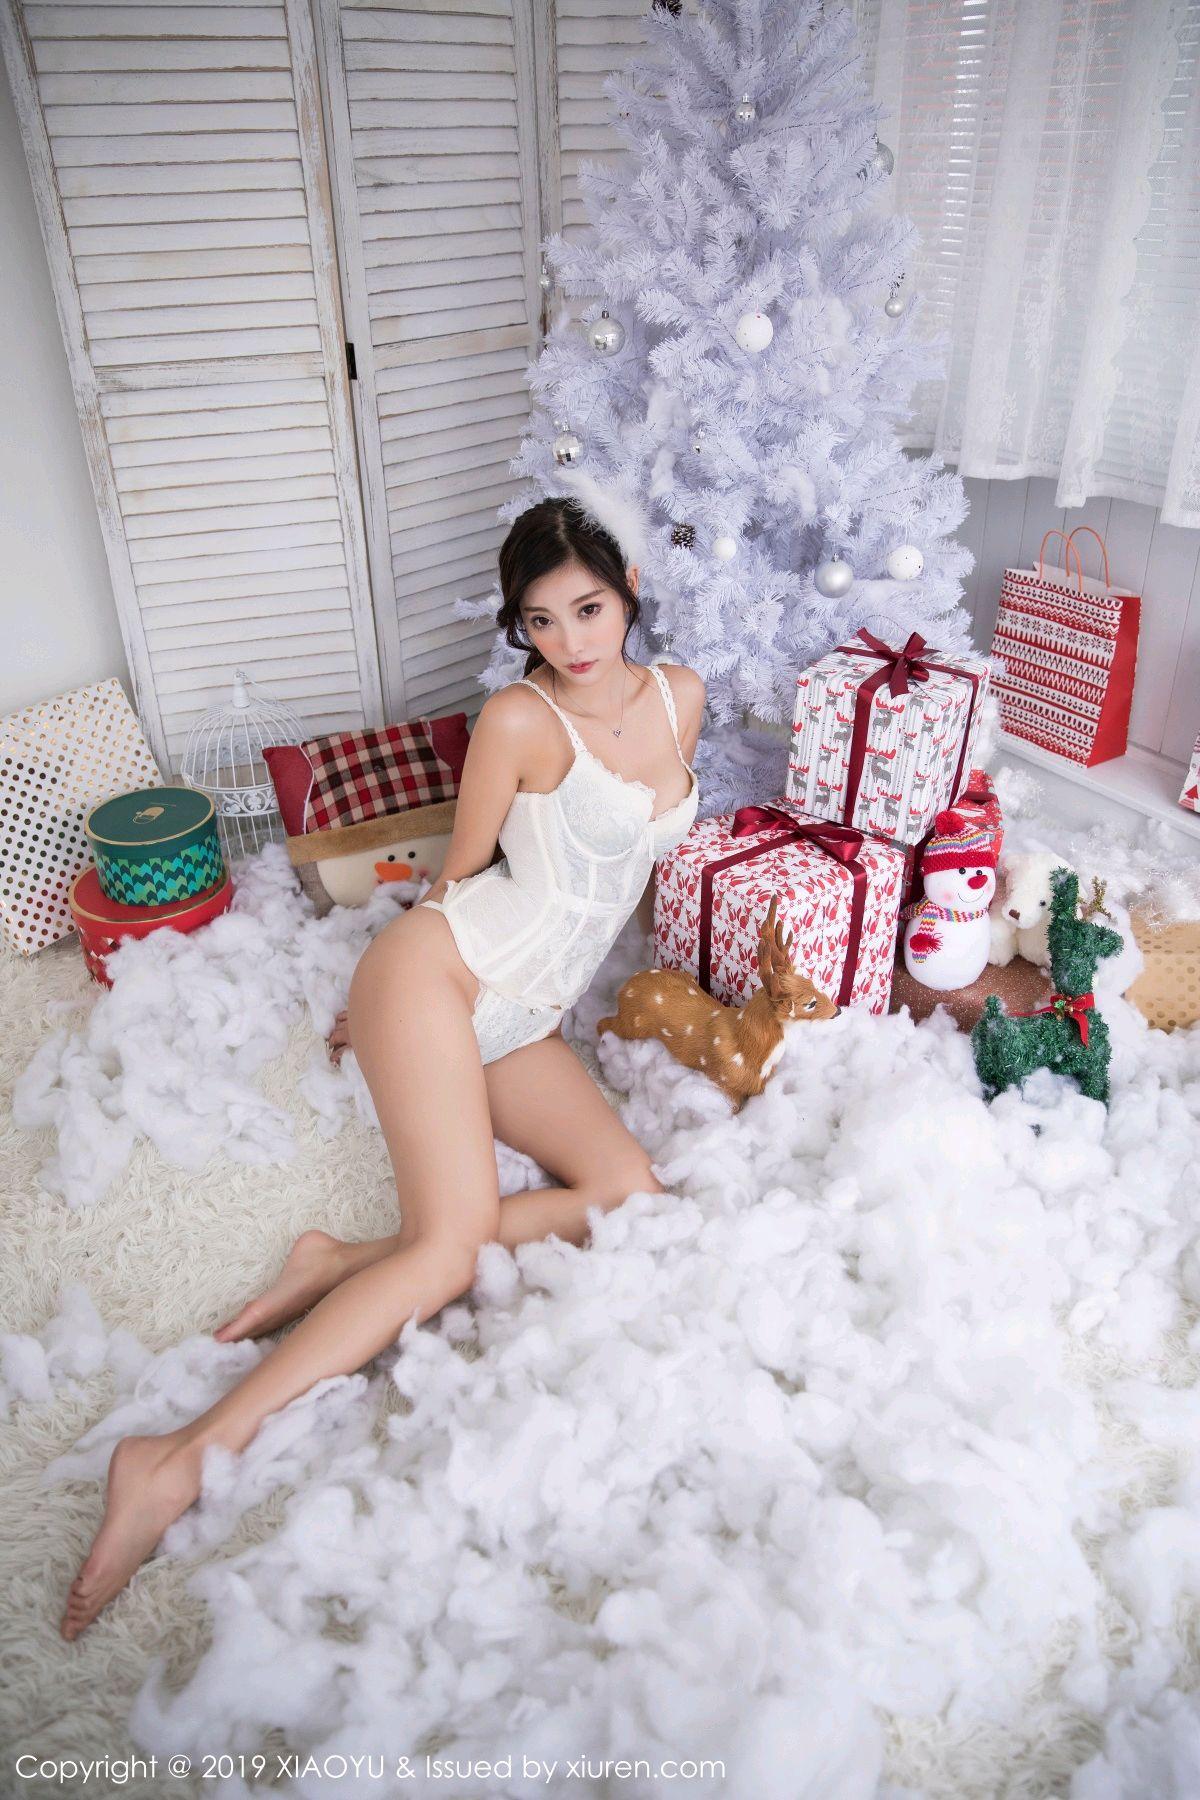 [XiaoYu] Vol.059 Christmas Theme 26P, Christmas, Underwear, XiaoYu, Yang Chen Chen